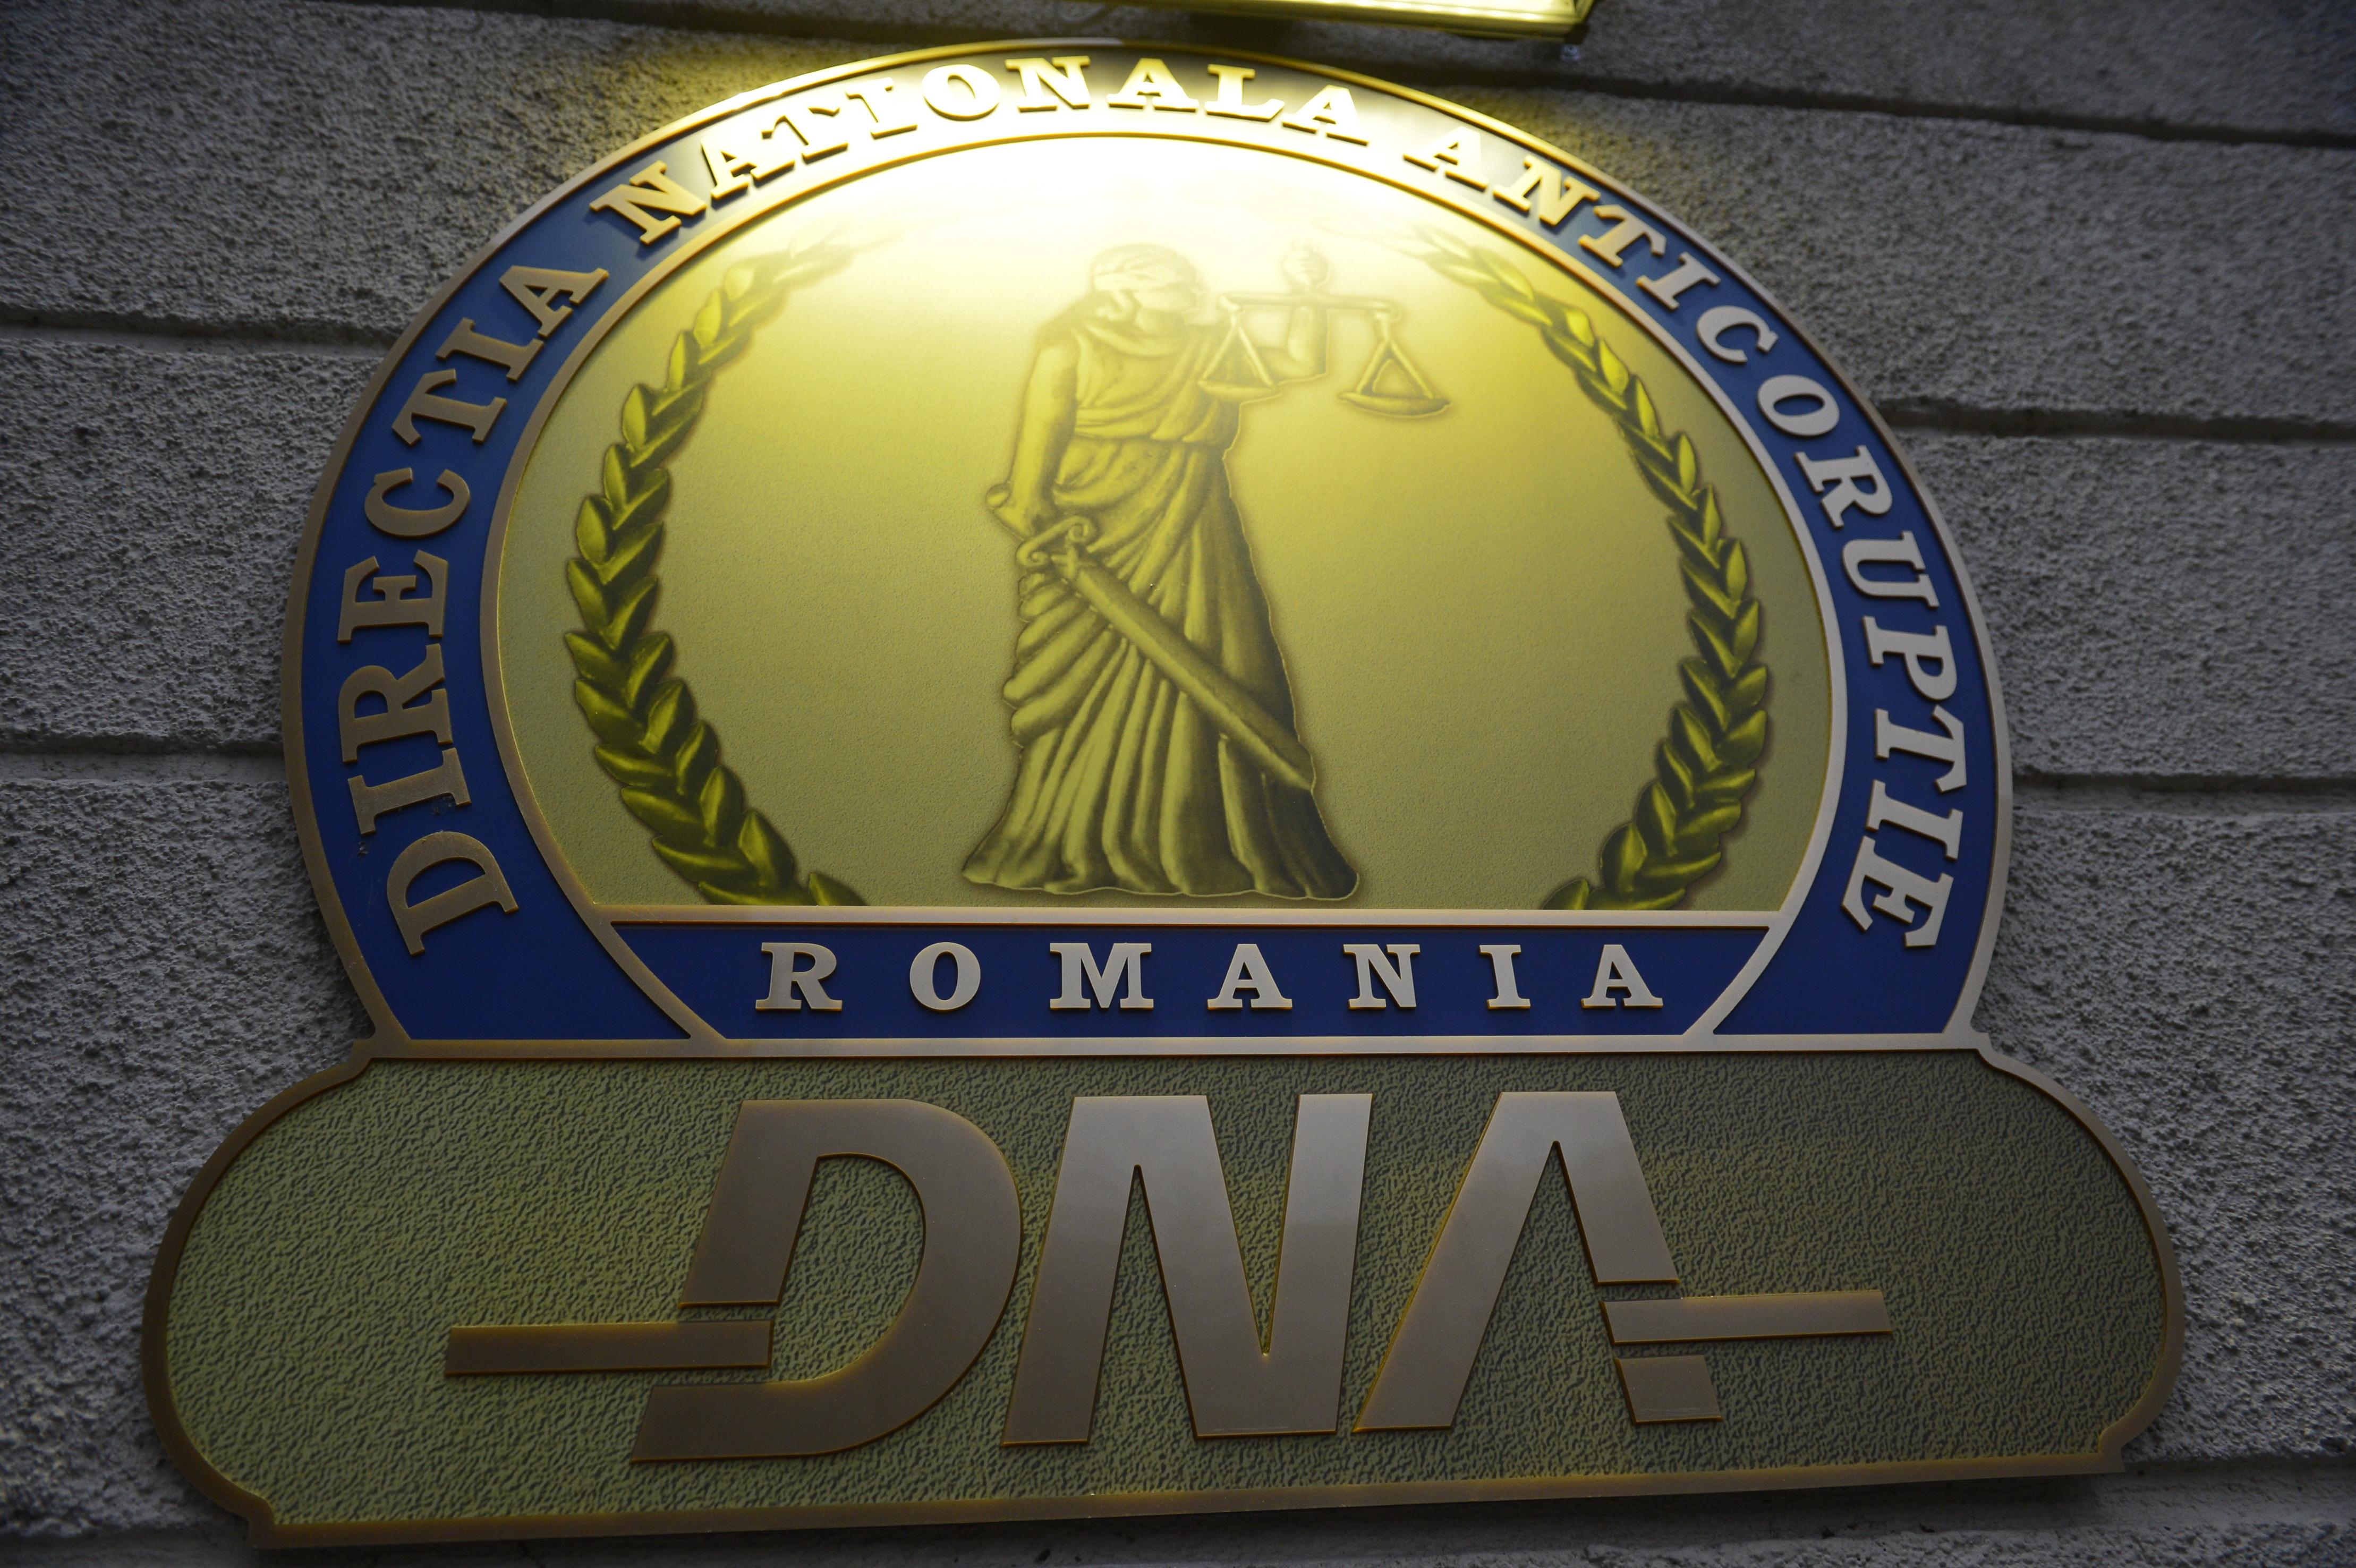 `Ciobanul Ghiţă`, la DNA: Banii europeni ajung doar la unii fermieri. Am depus o plângere penală